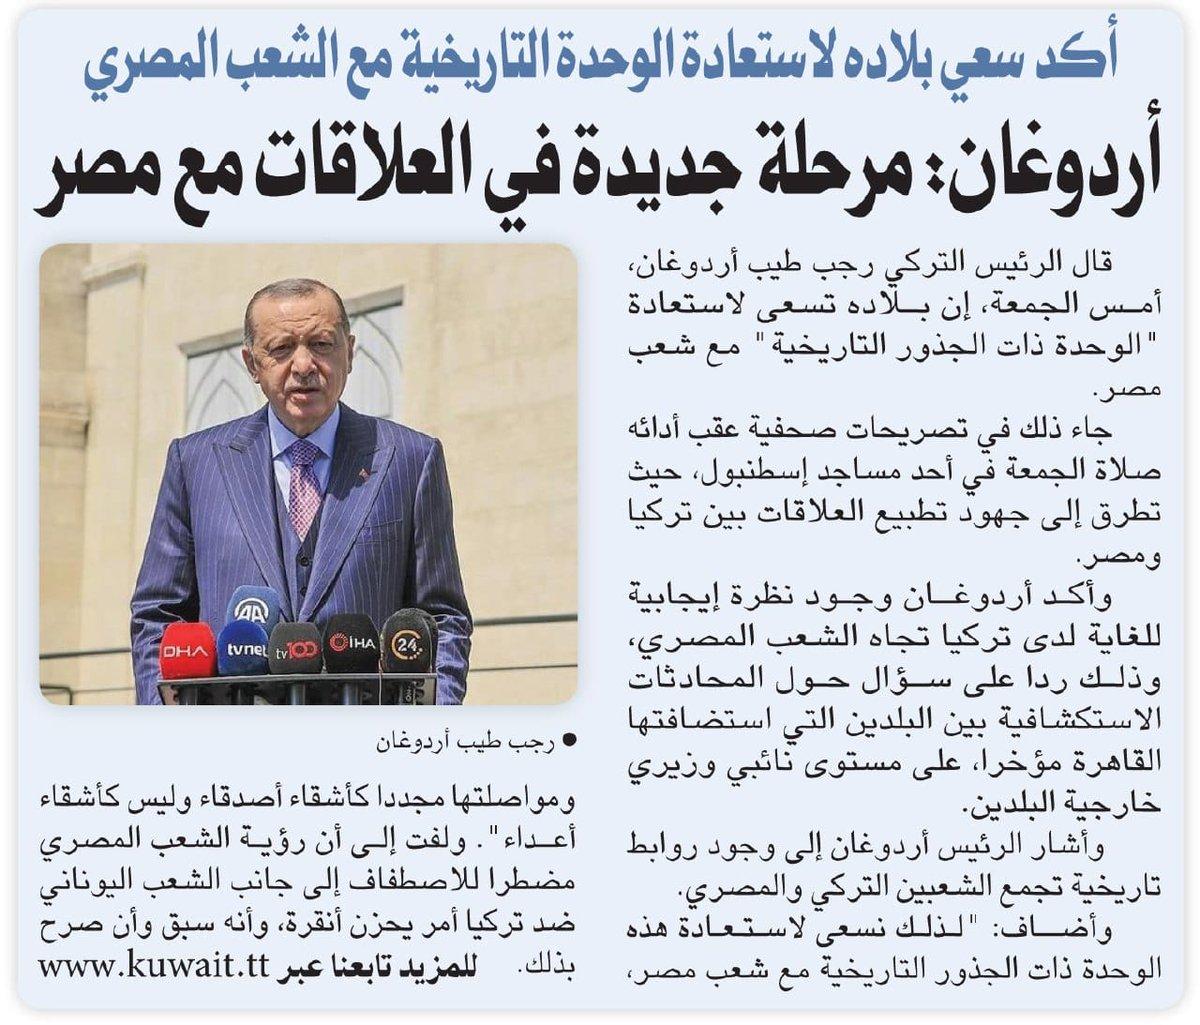 أردوغان مرحلة جديدة في العلاقات مع مصر